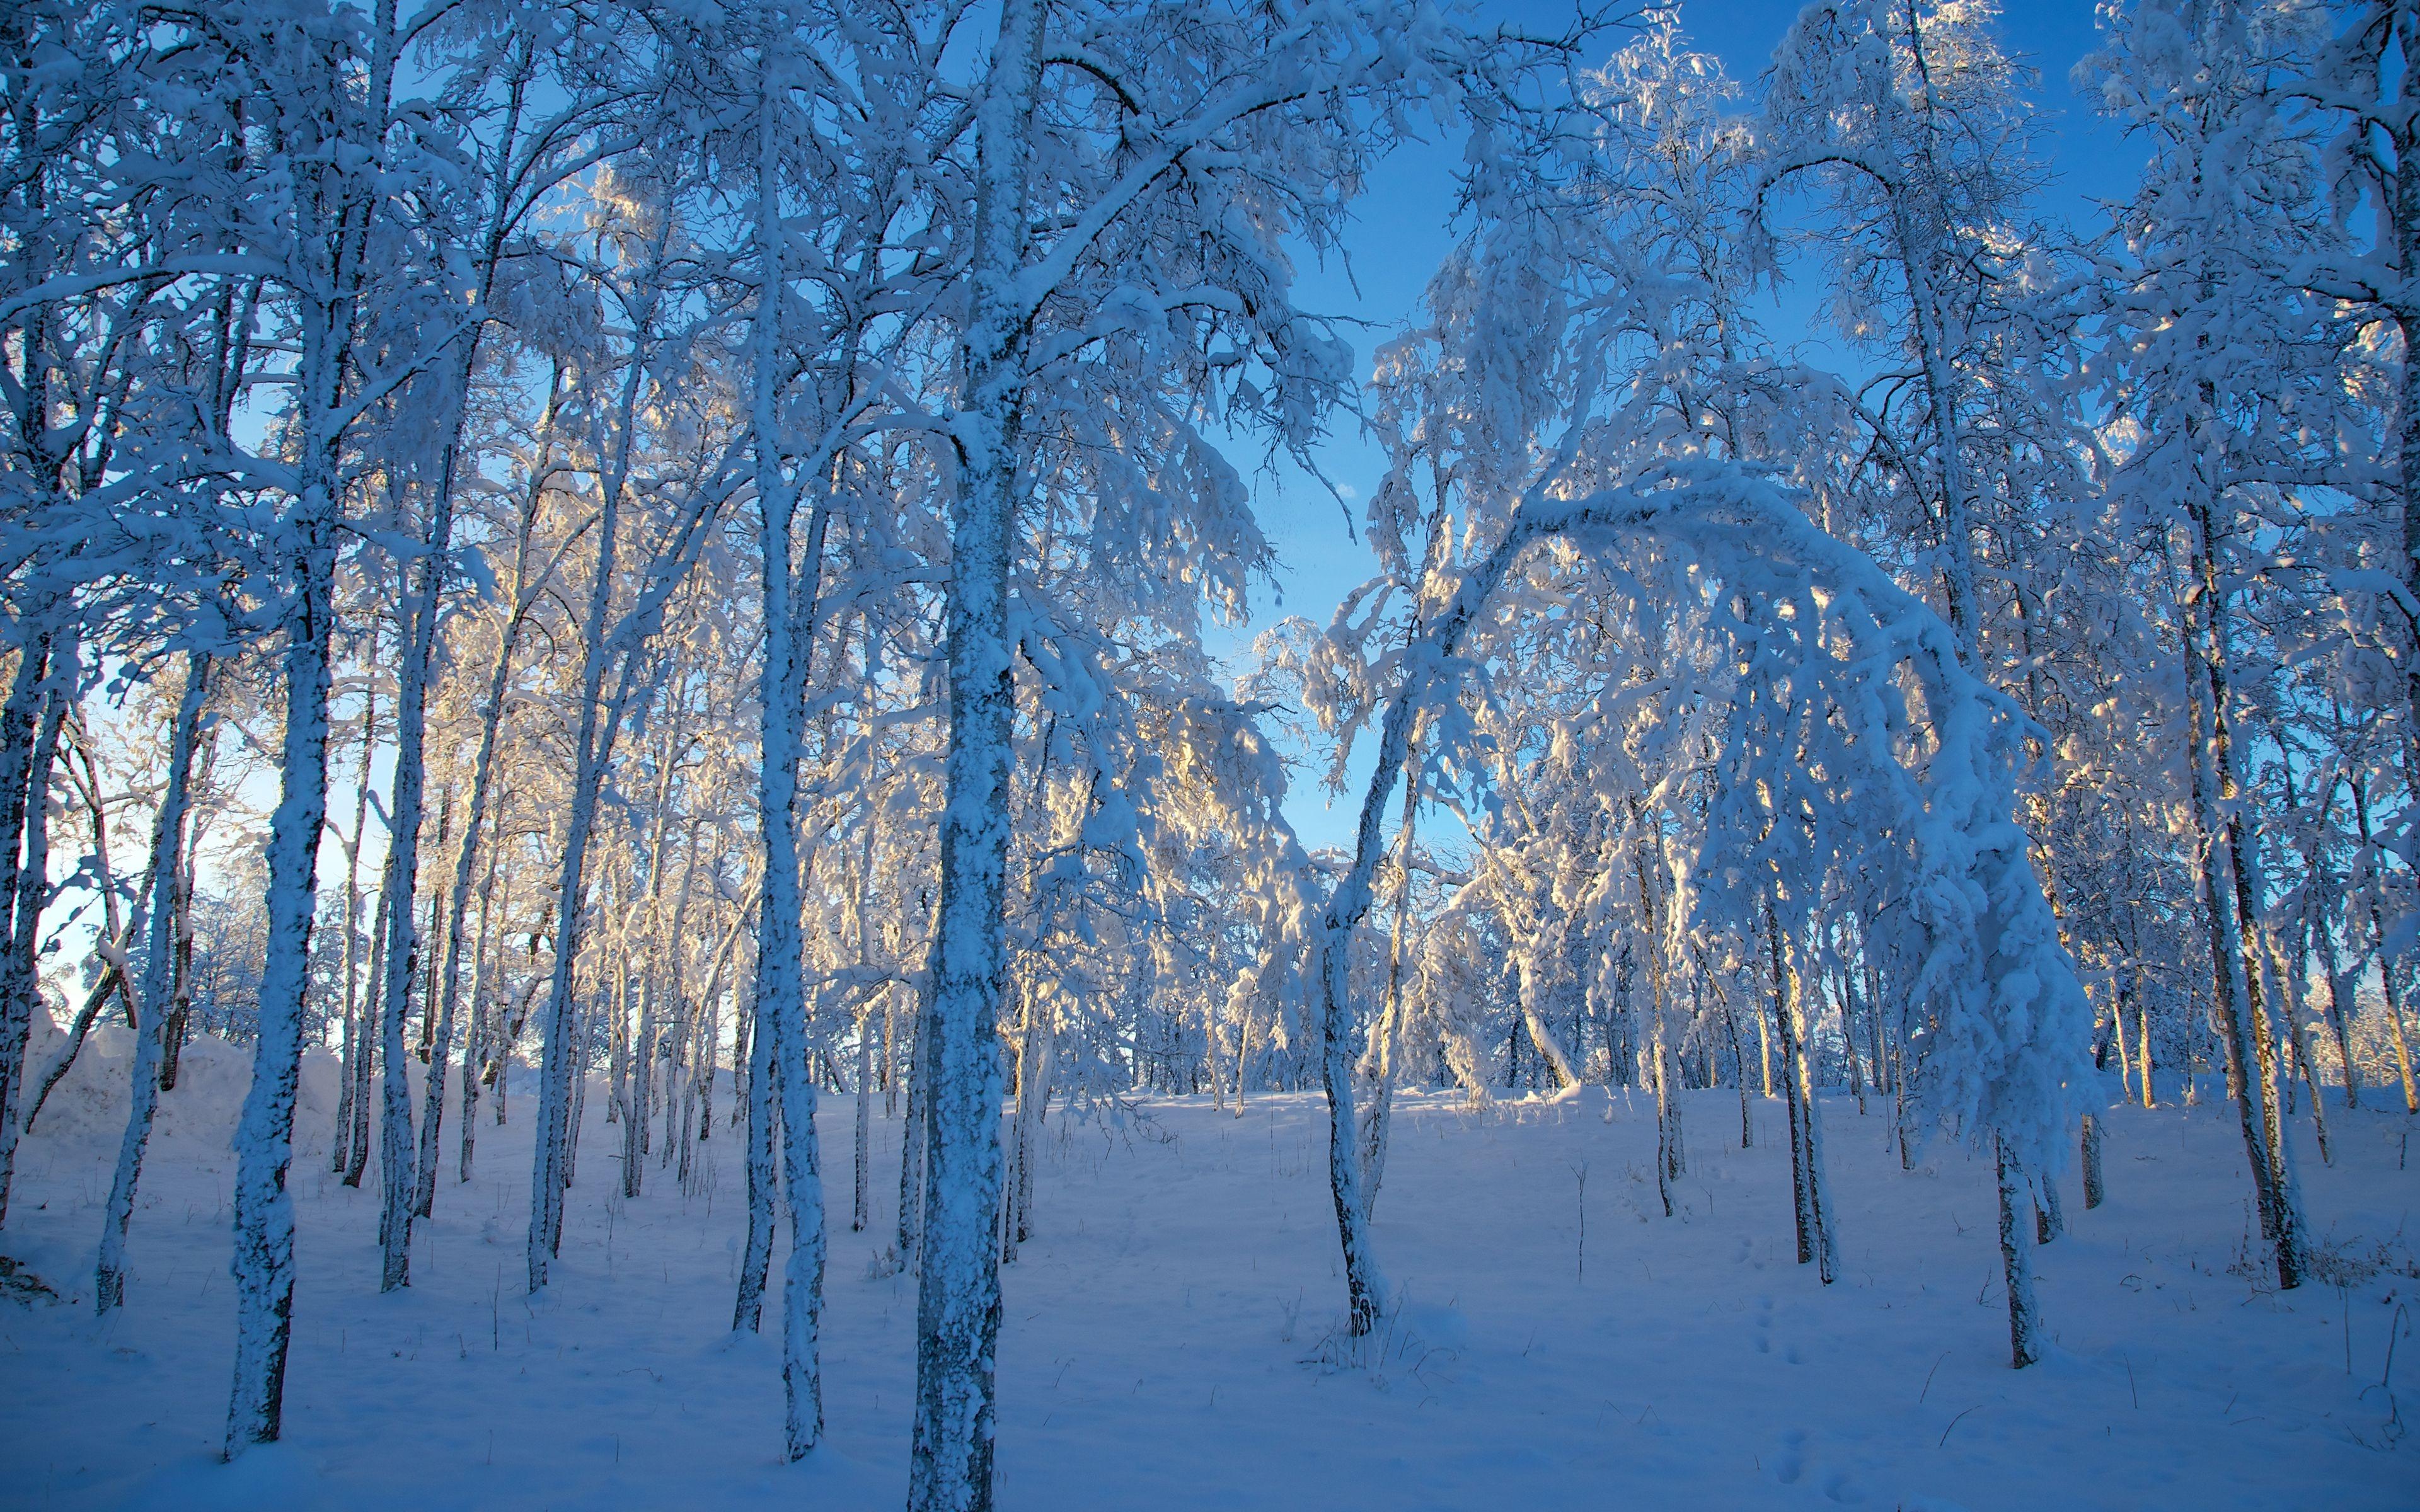 desktop wallpaper winter themes   wwwwallpapers in hdcom 3840x2400